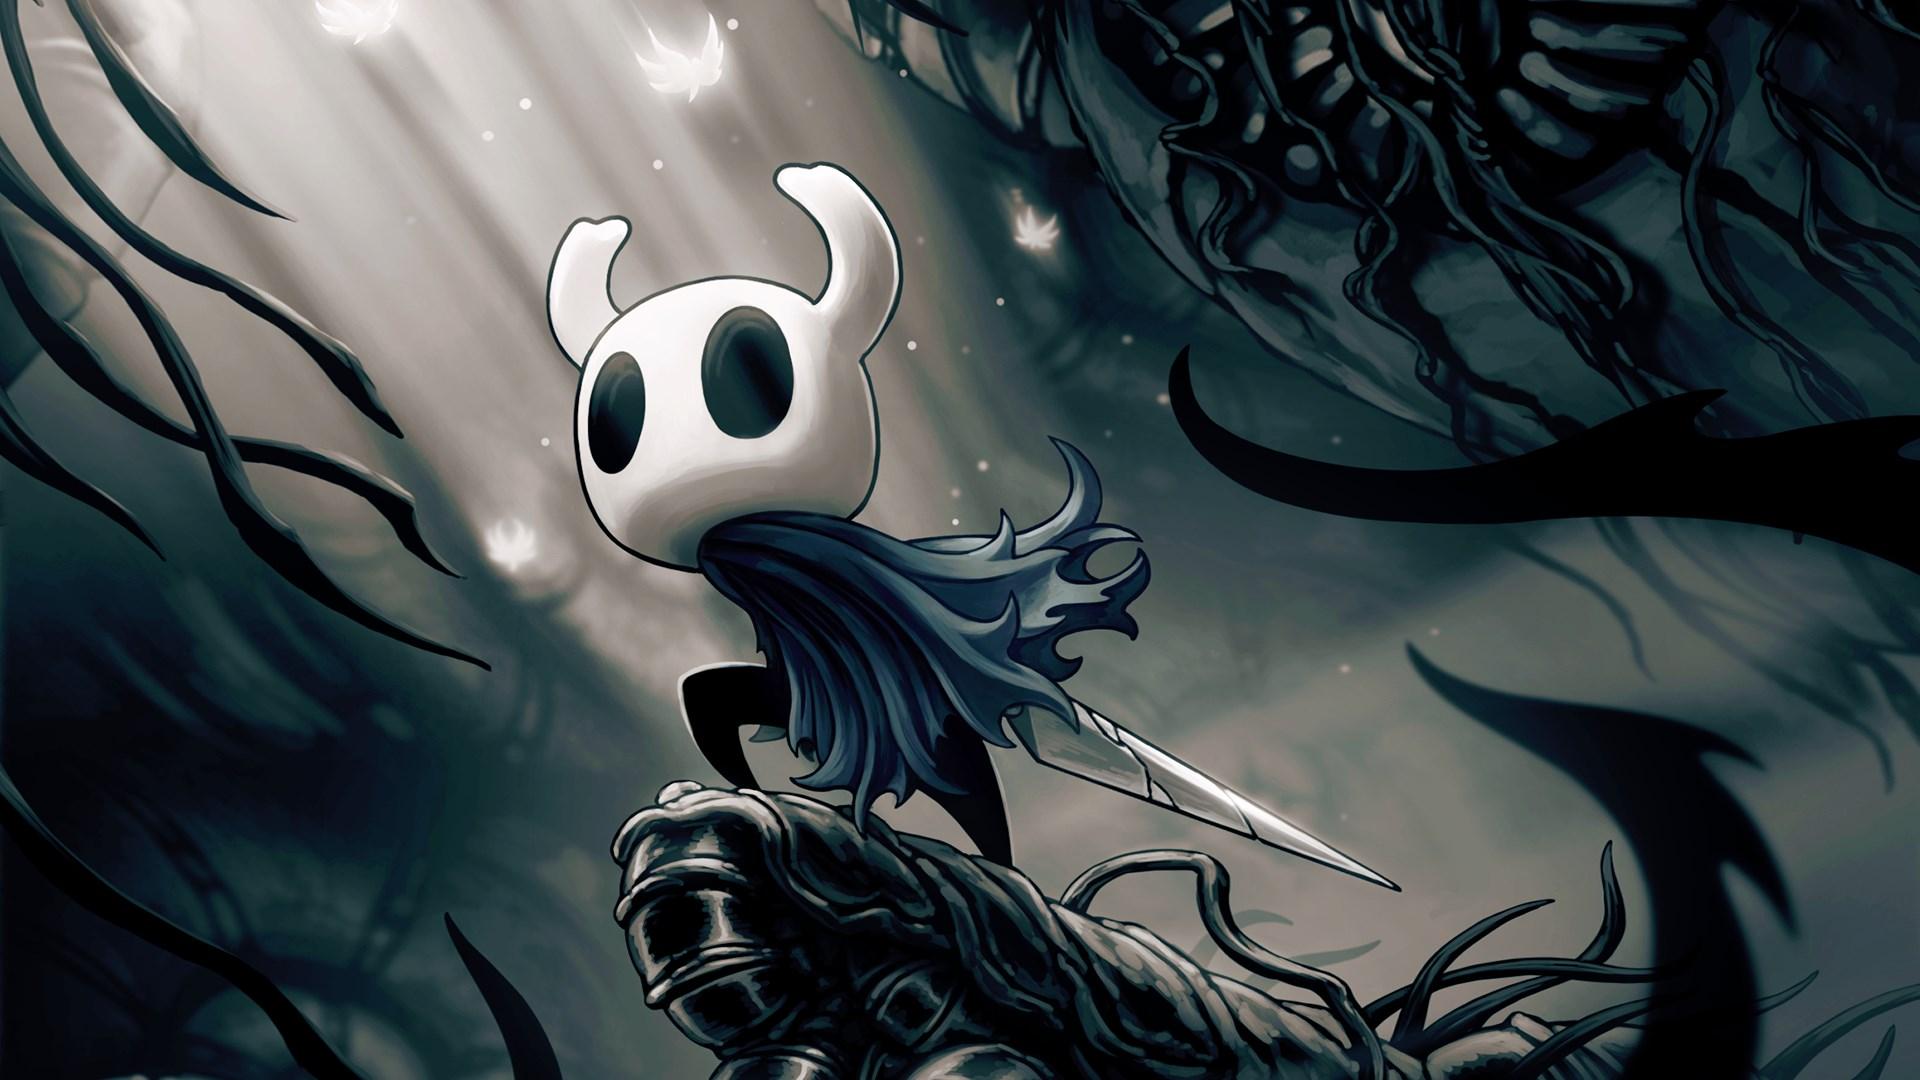 Во время акции цена на Hollow Knight была снижена на 50% /фото Team Cherry